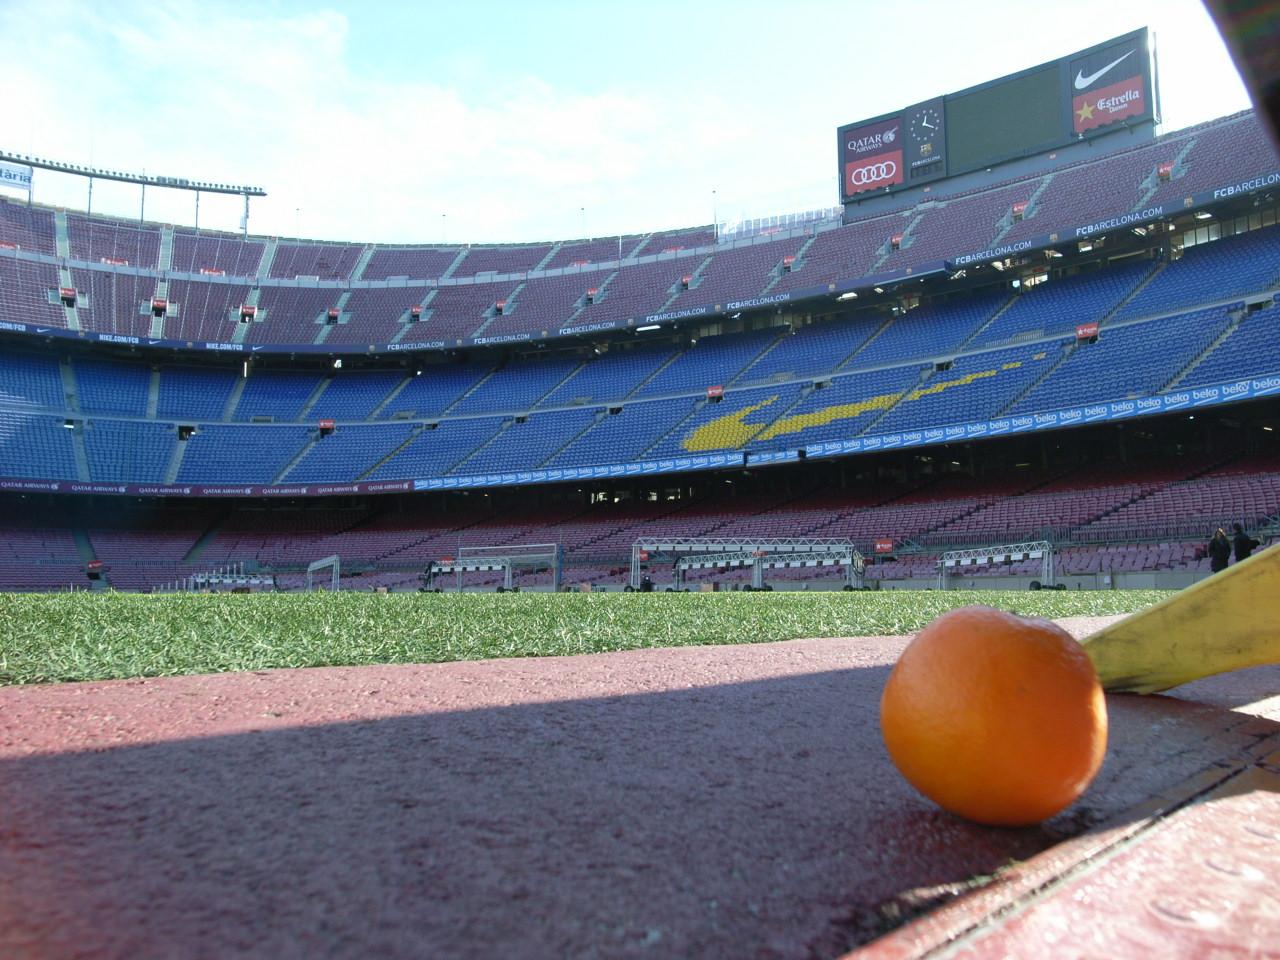 春みかんの挨拶/Greeting of Spring Valencia Orange